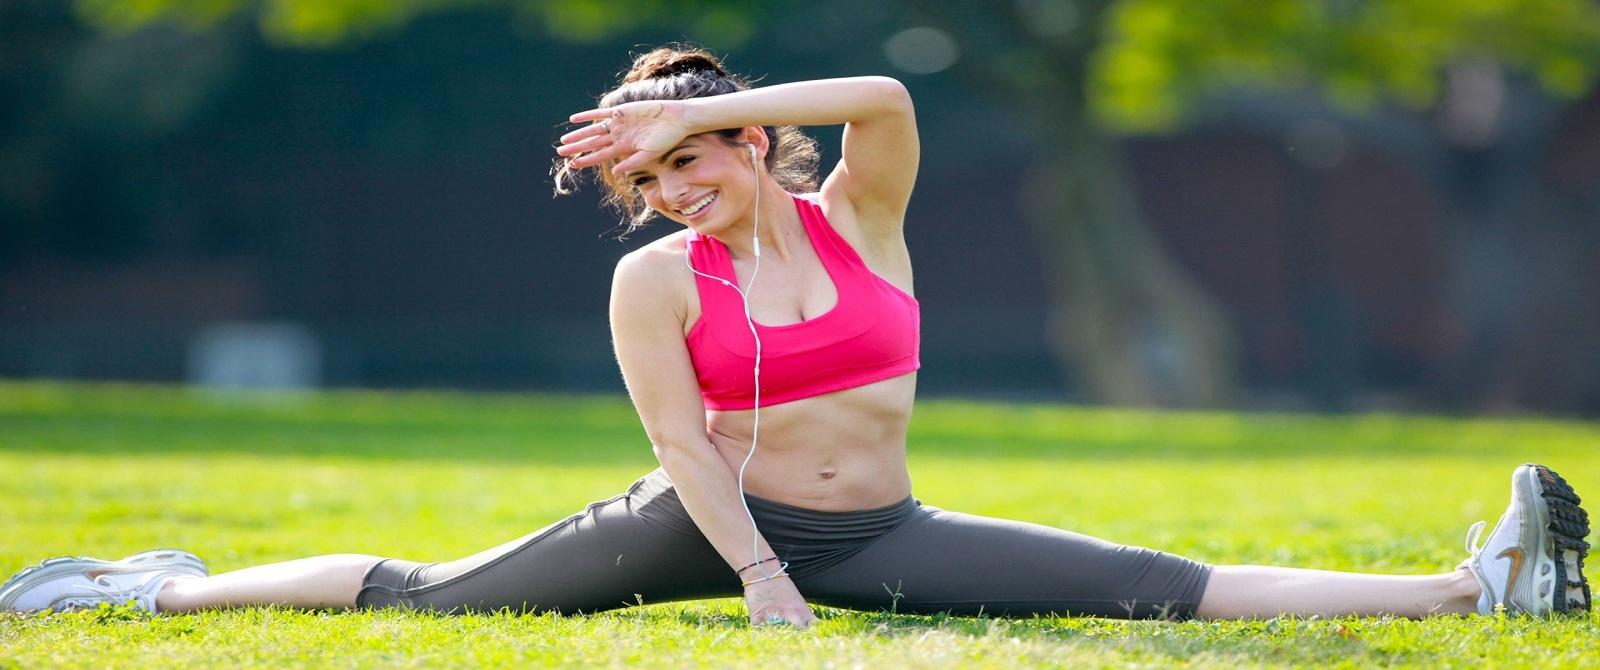 In Yoga & Meditation